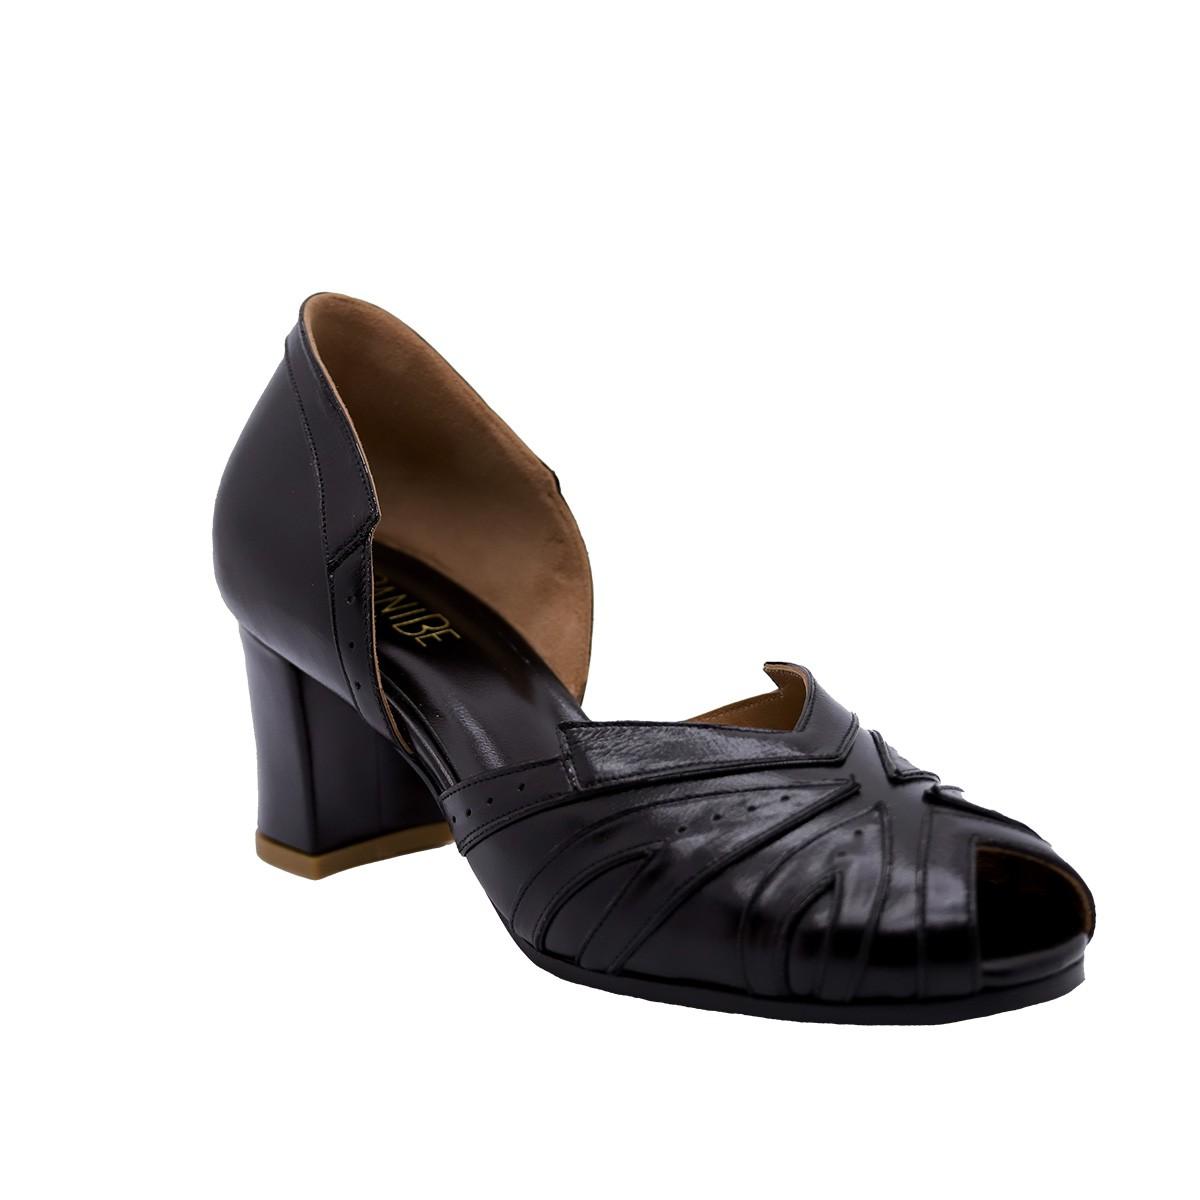 Sapato Manolo Pelica Preta 6 cm